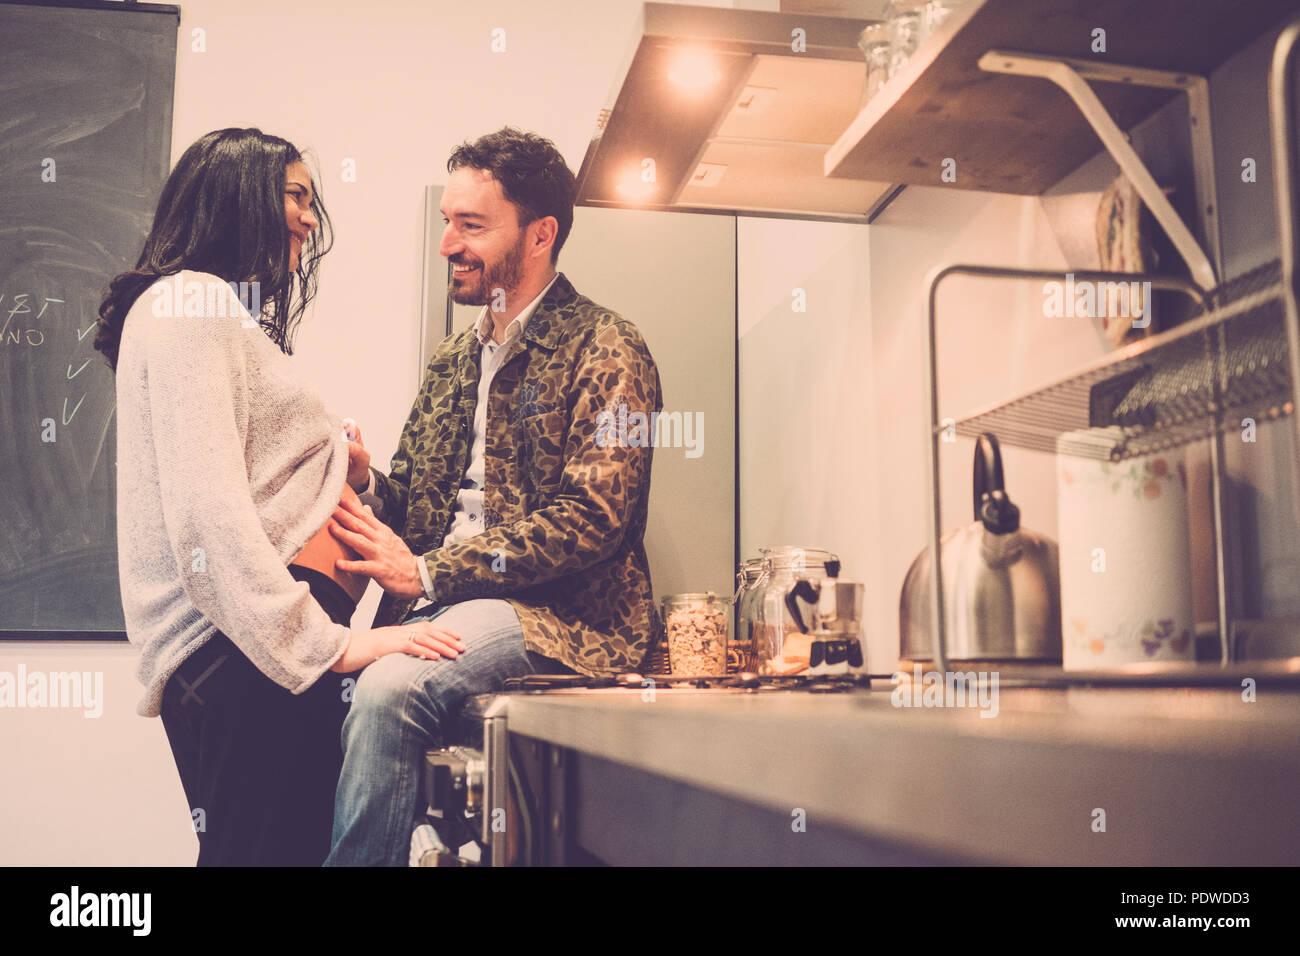 Couple de l'homme et de la femme caucasian heureux les gens heureux et s'amuser avec le ventre de la dame enceinte. sourire et rire en attendant le nouveau fils travail amour . Photo Stock